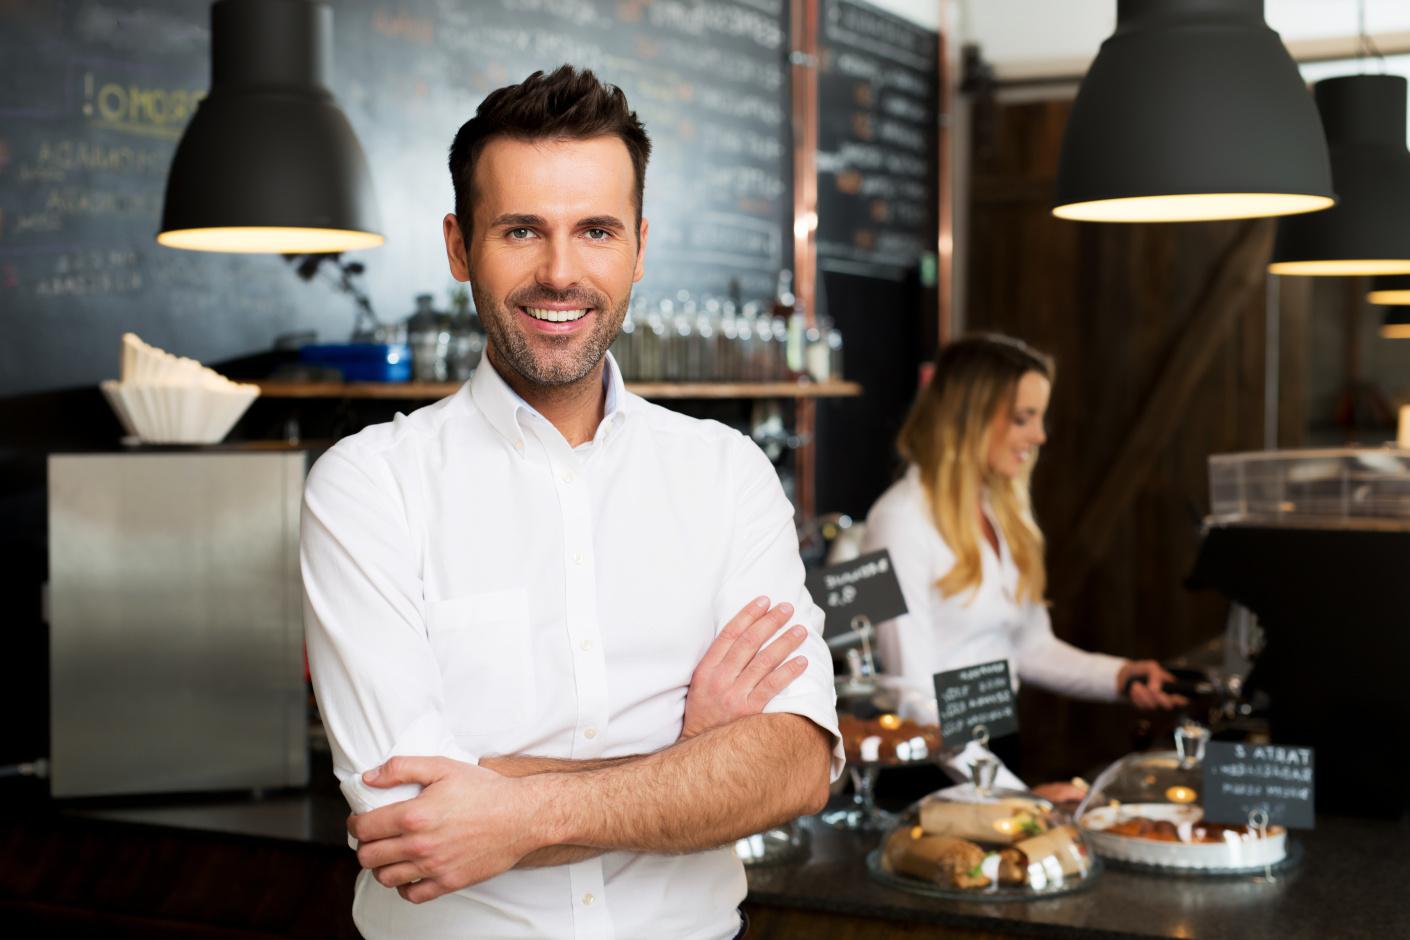 Menadżer restauracji w pracy